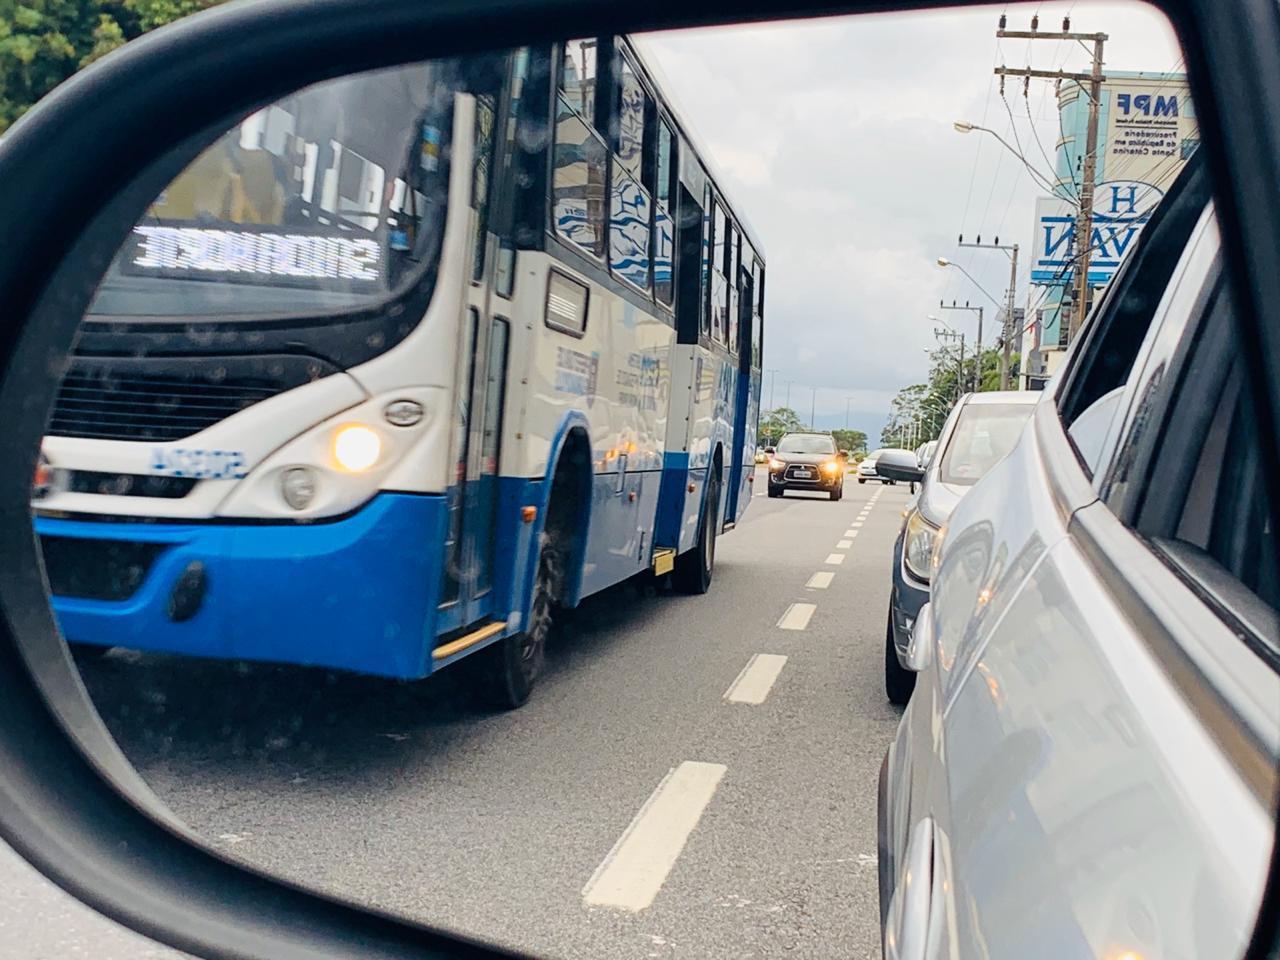 Marcado para a próxima quarta-feira (17), o retorno dos ônibus em Florianópolis ocorrerá com regras diferenciadas - PMF/Divulgação/ND